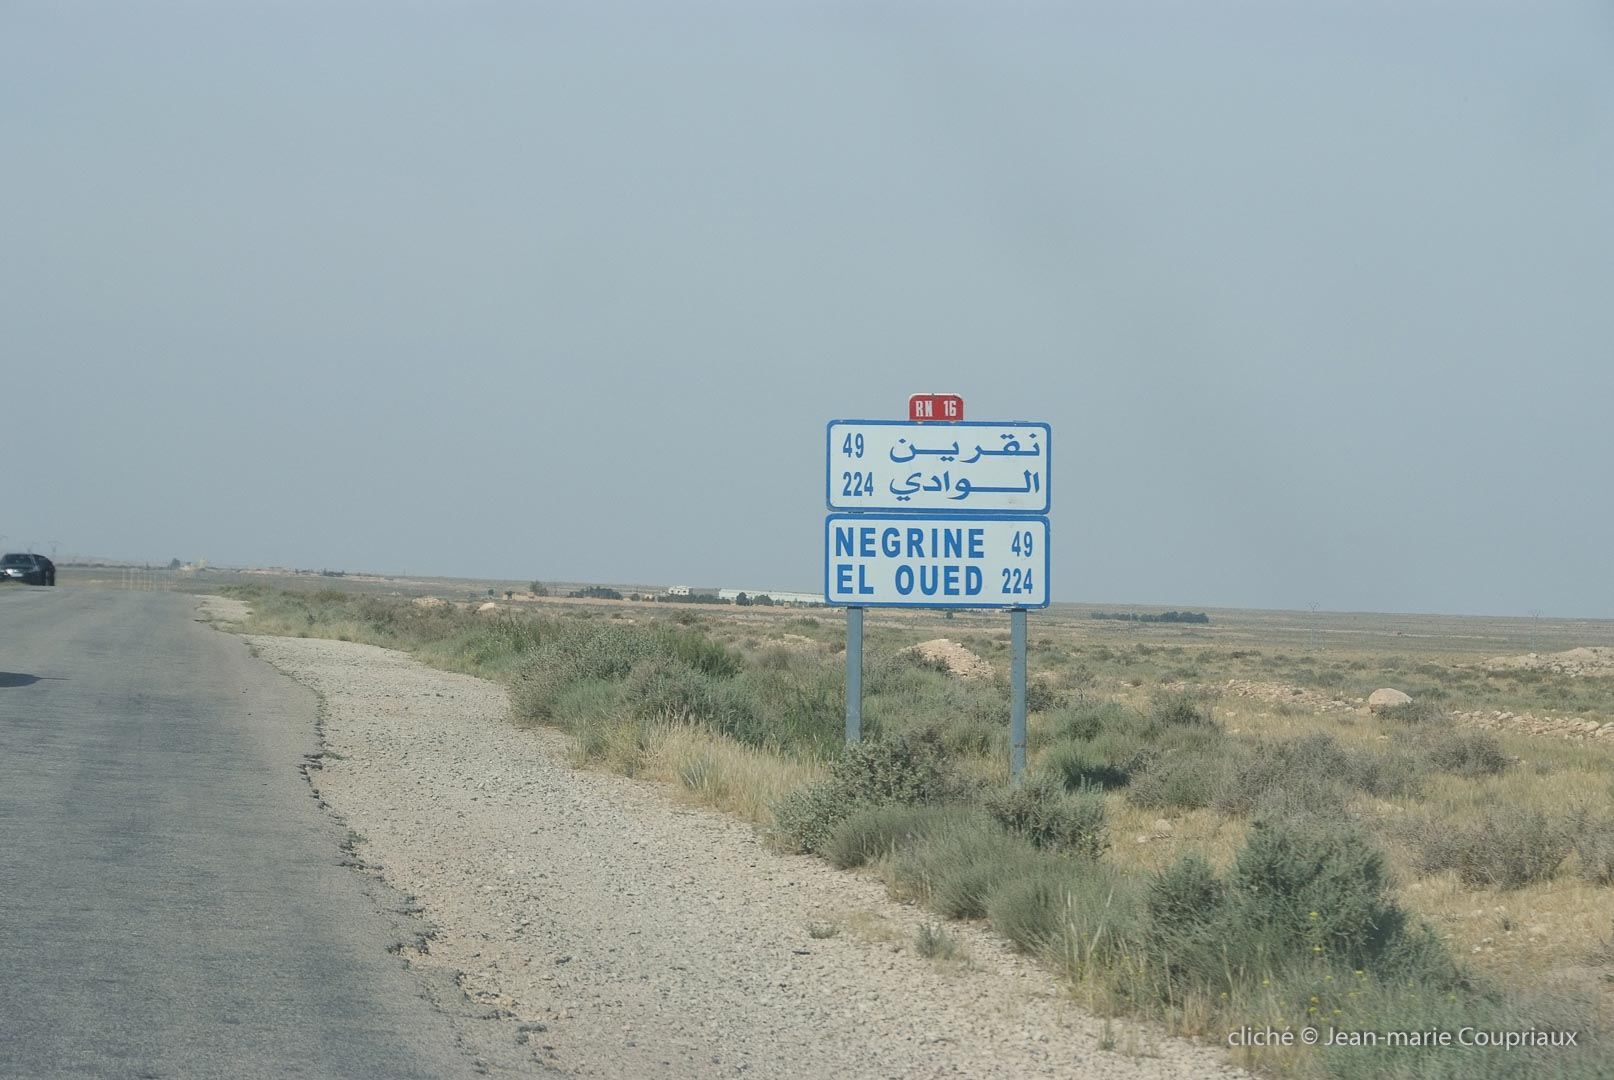 802-2011_Algerie-565